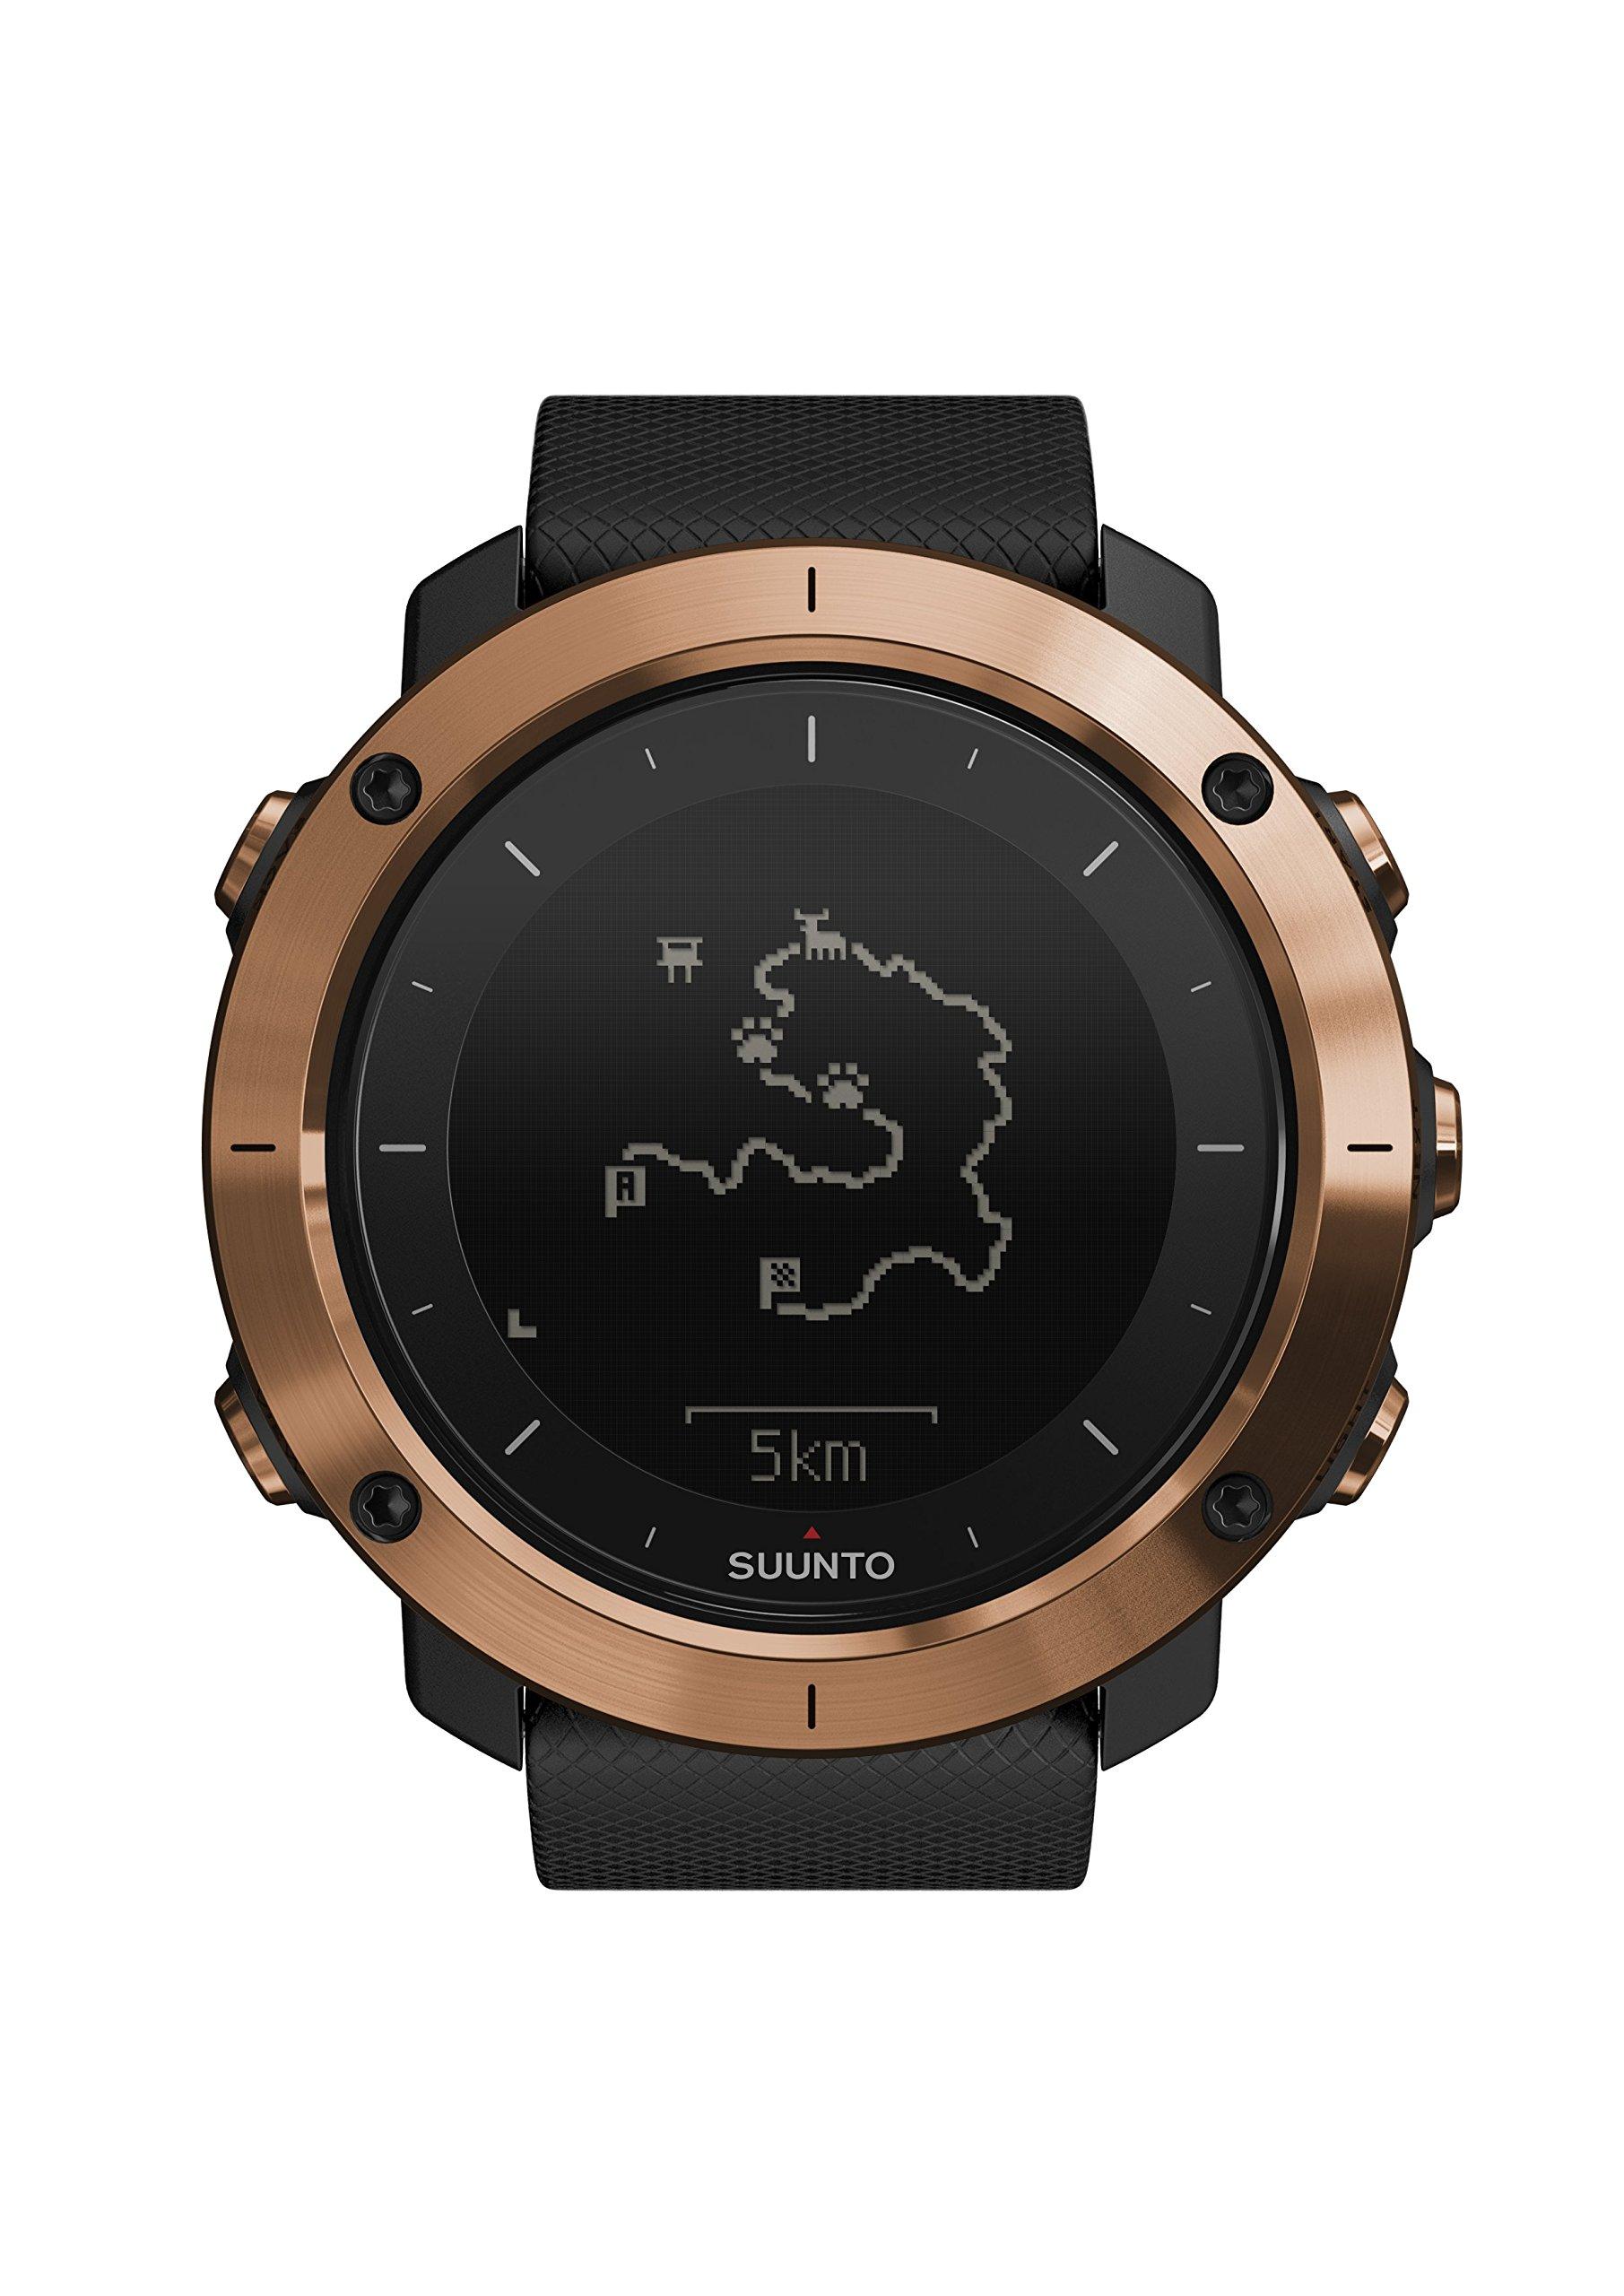 SUUNTO Traverse Alpha GPS Watch- Copper